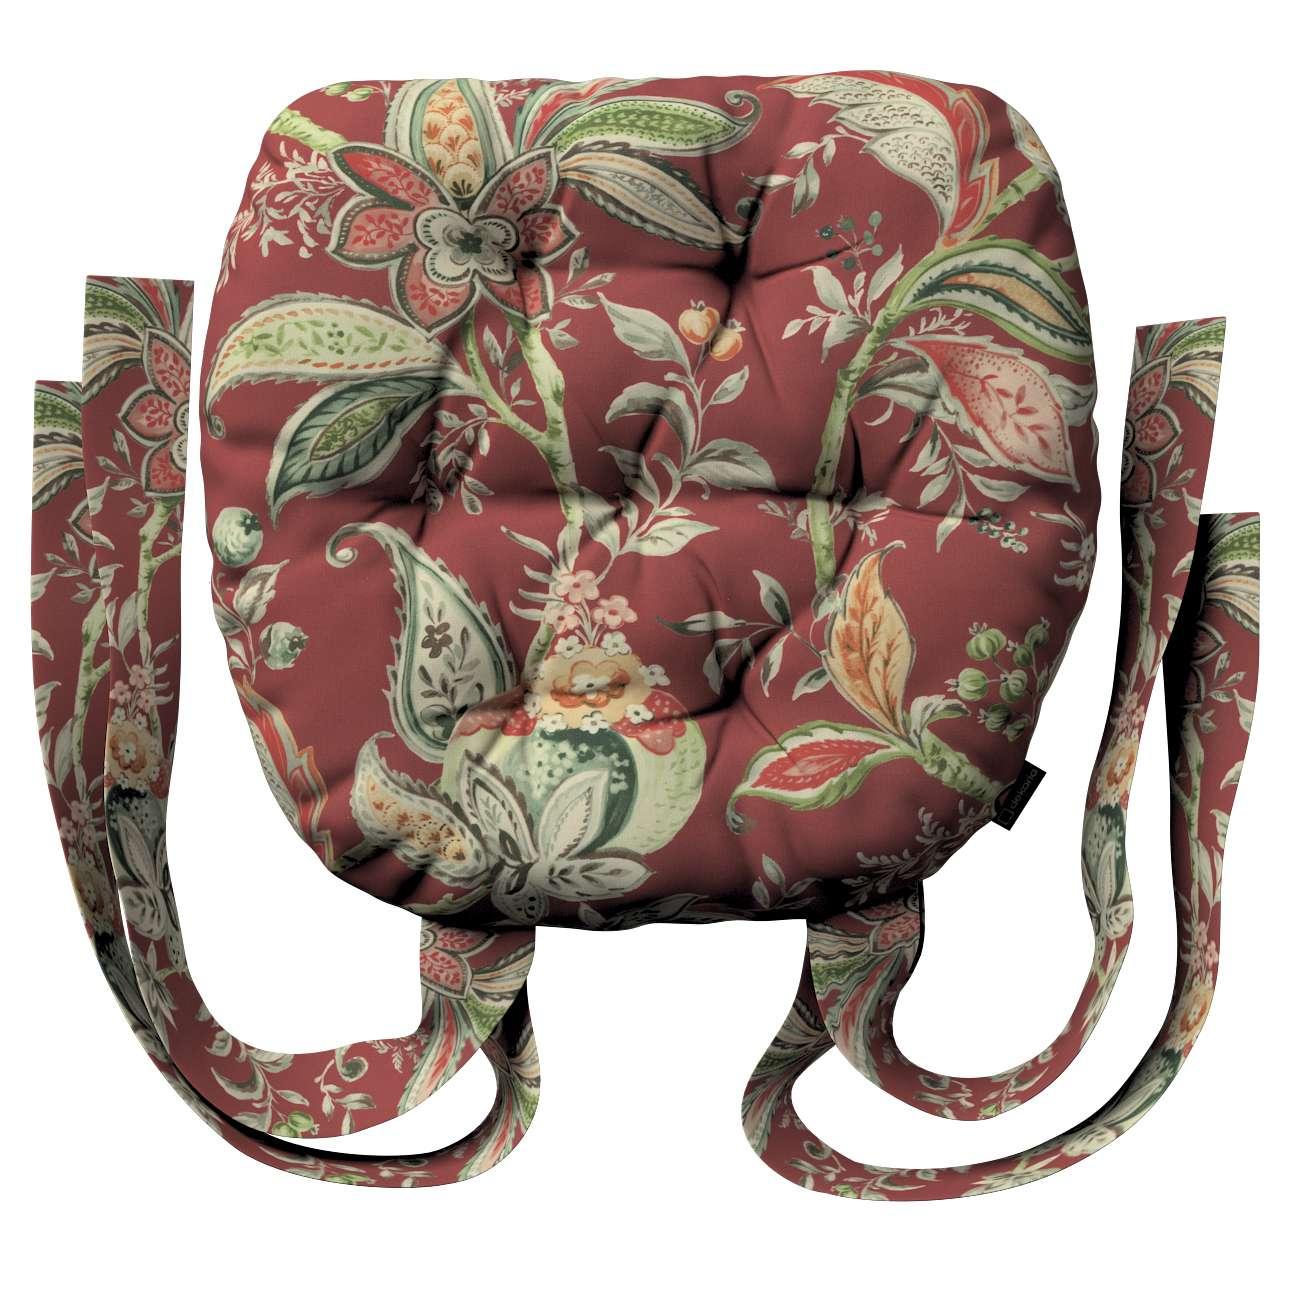 Siedzisko Marcin na krzesło w kolekcji Gardenia, tkanina: 142-12